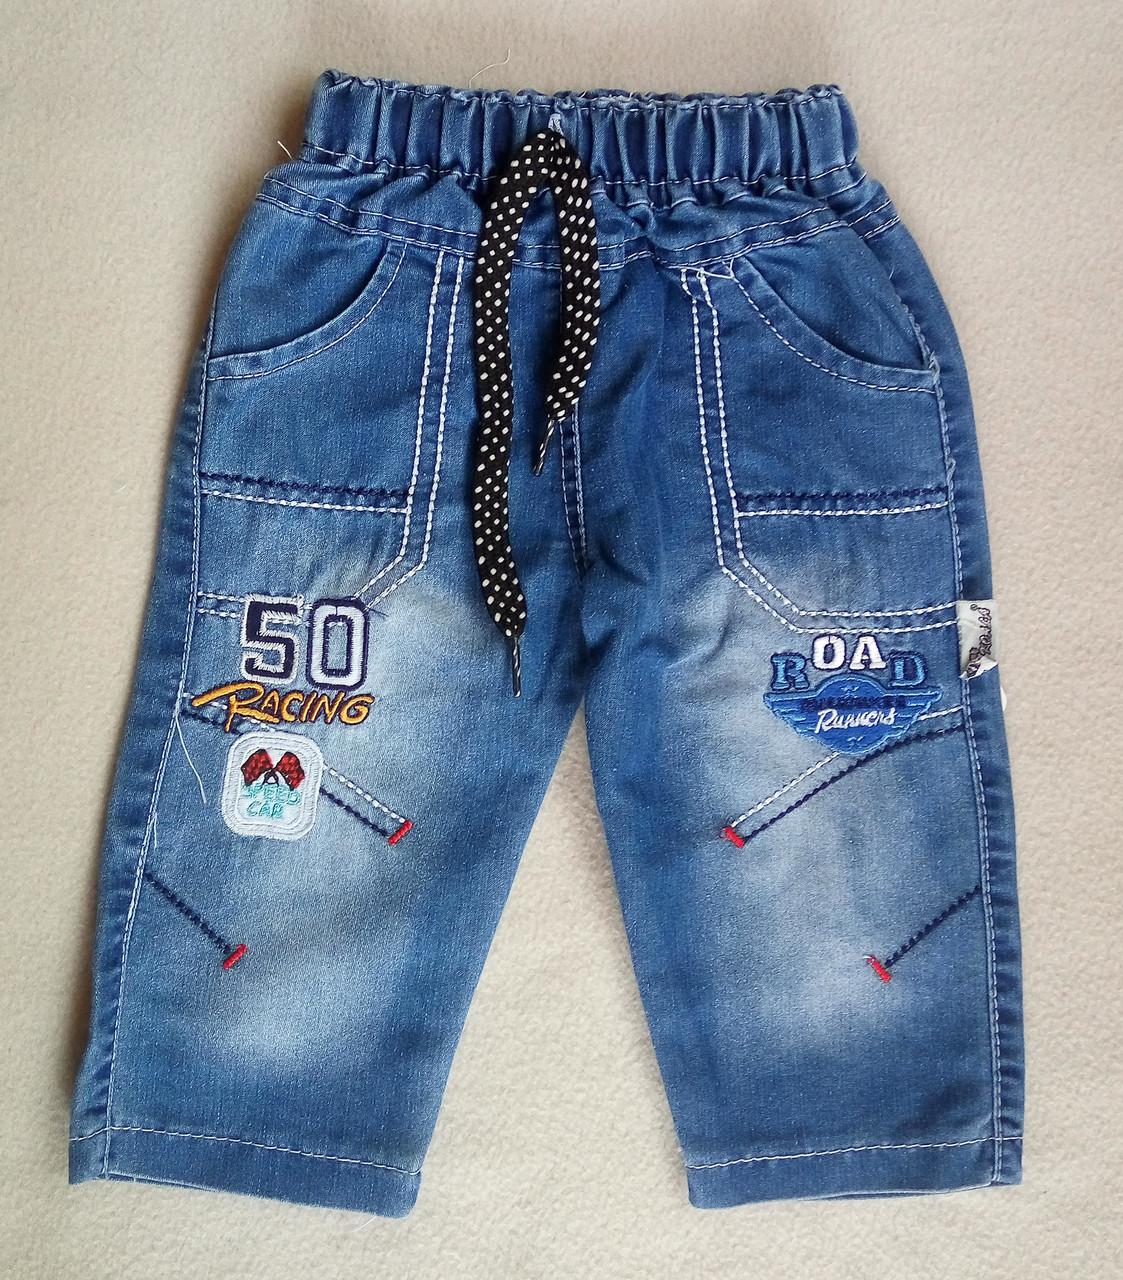 Детские джинсы 6, 9, 12, 18 мес для мальчика Турция РОЗНИЦА